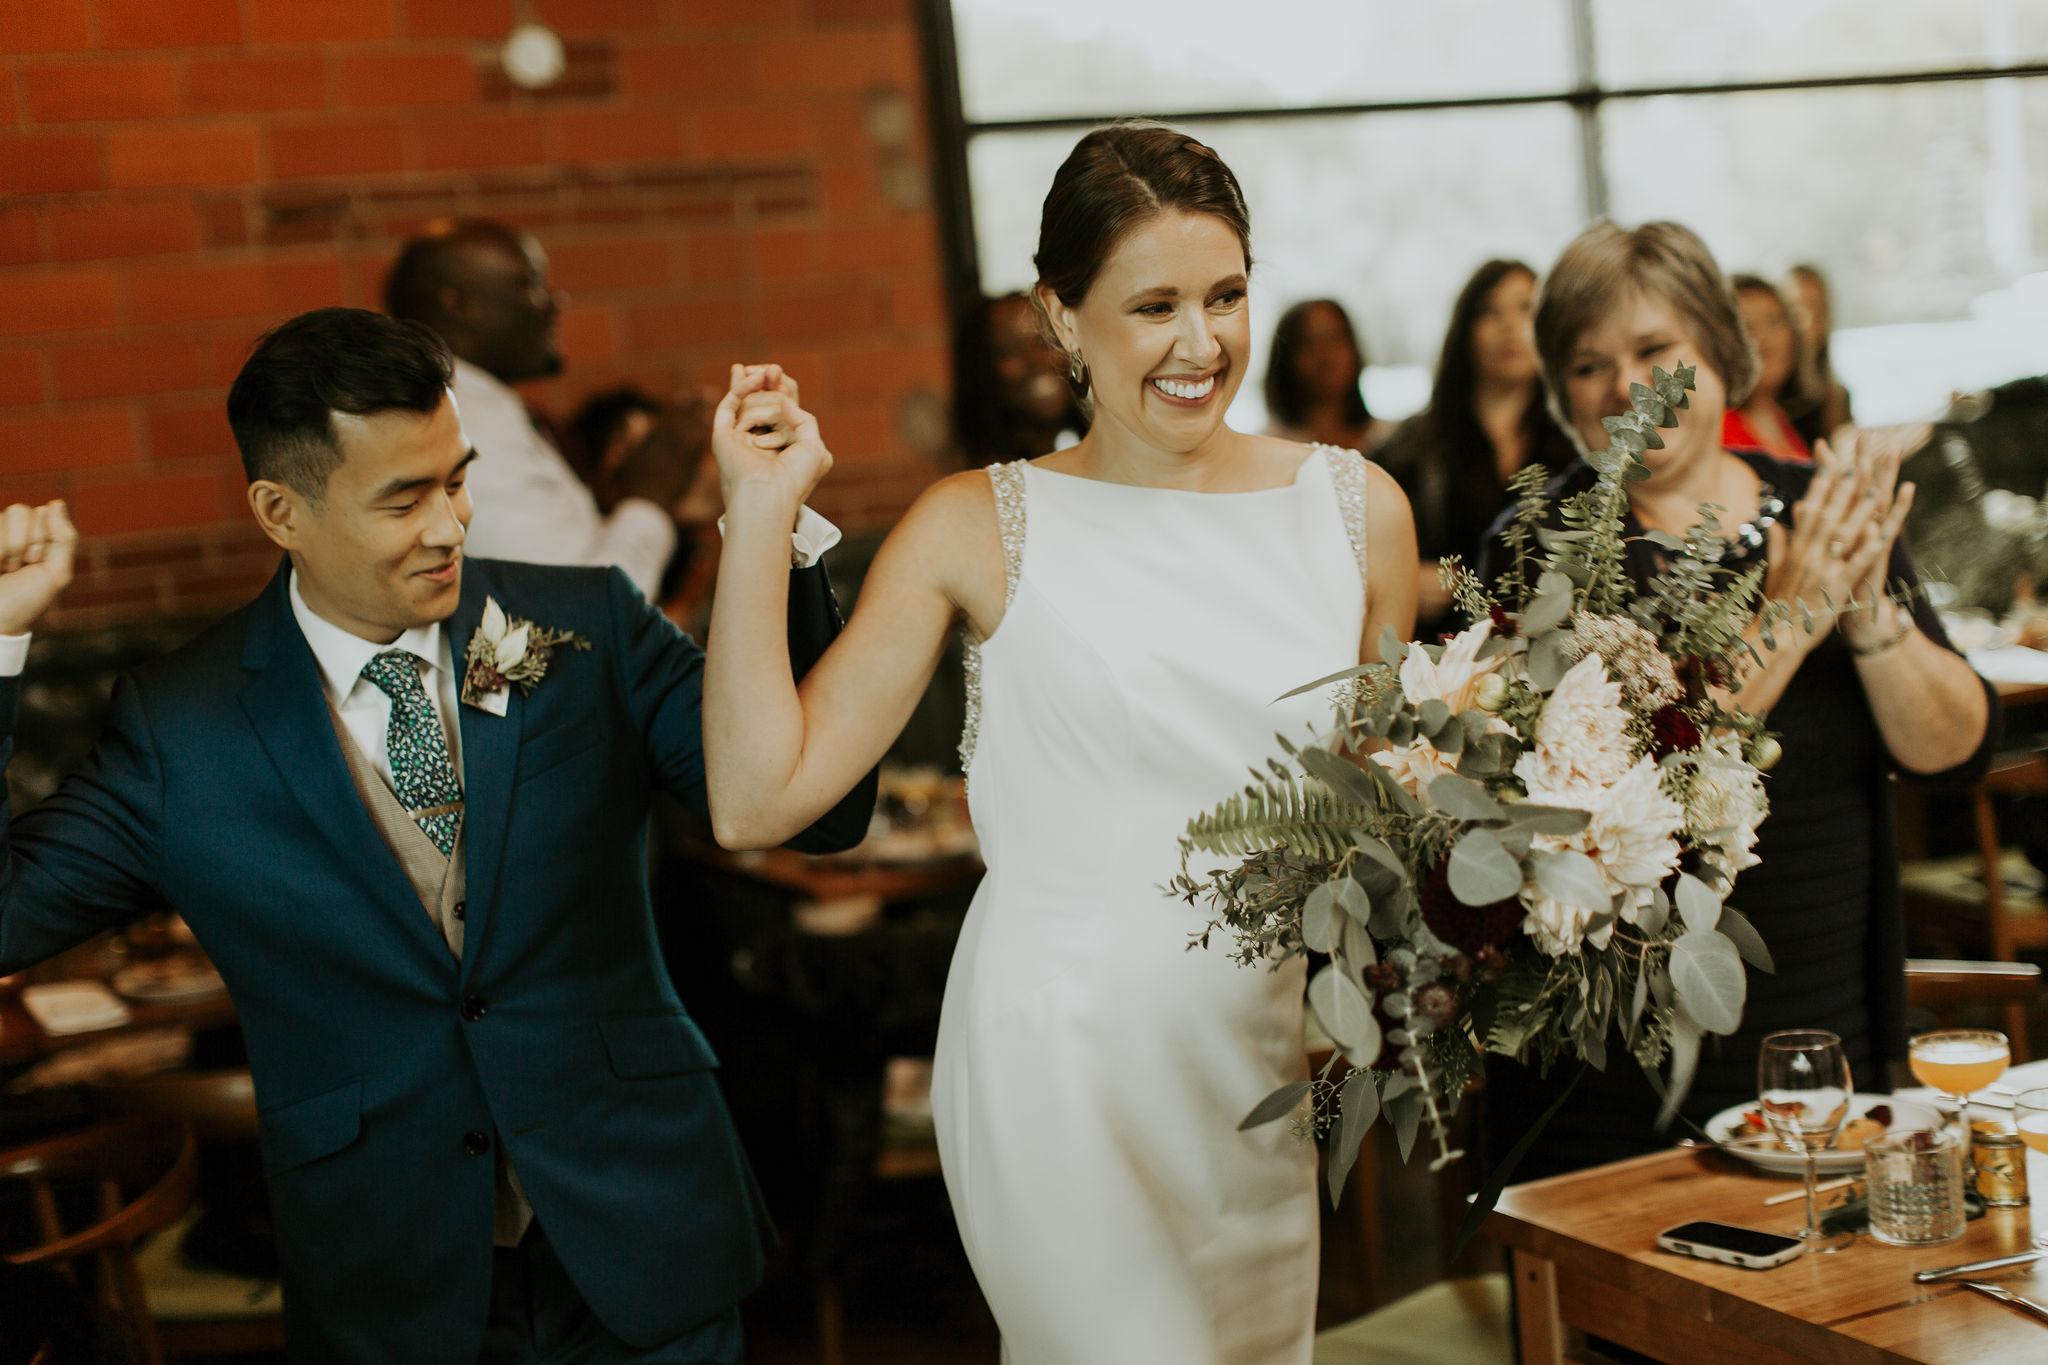 AK_Wedding_Reception-7.jpg